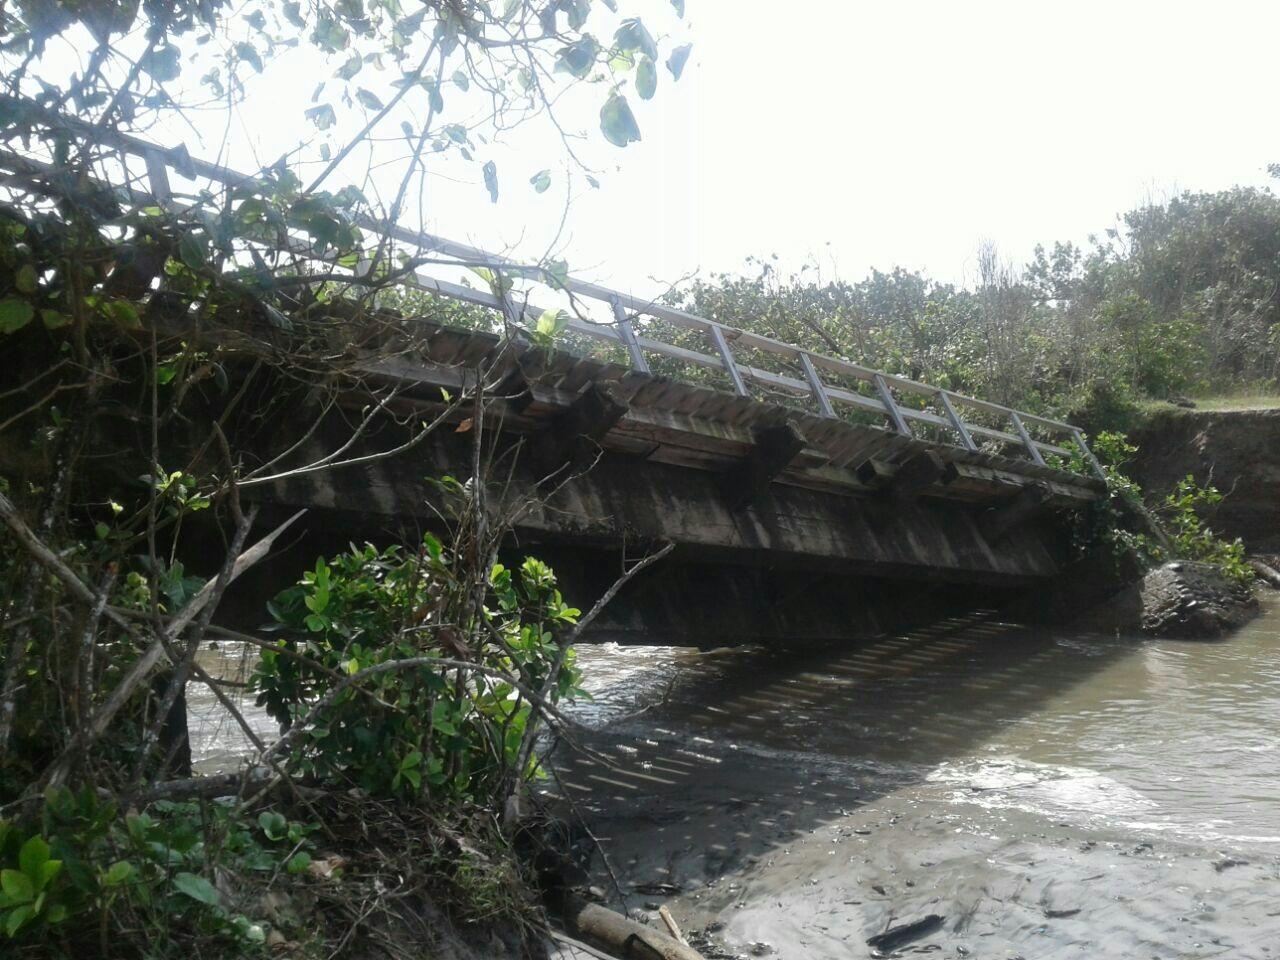 https: img.okeinfo.net content 2017 09 11 340 1773416 2-jembatan-di-bengkulu-ambruk-diterjang-banjir-akses-antardesa-terputus-1lHrmcu21M.jpg